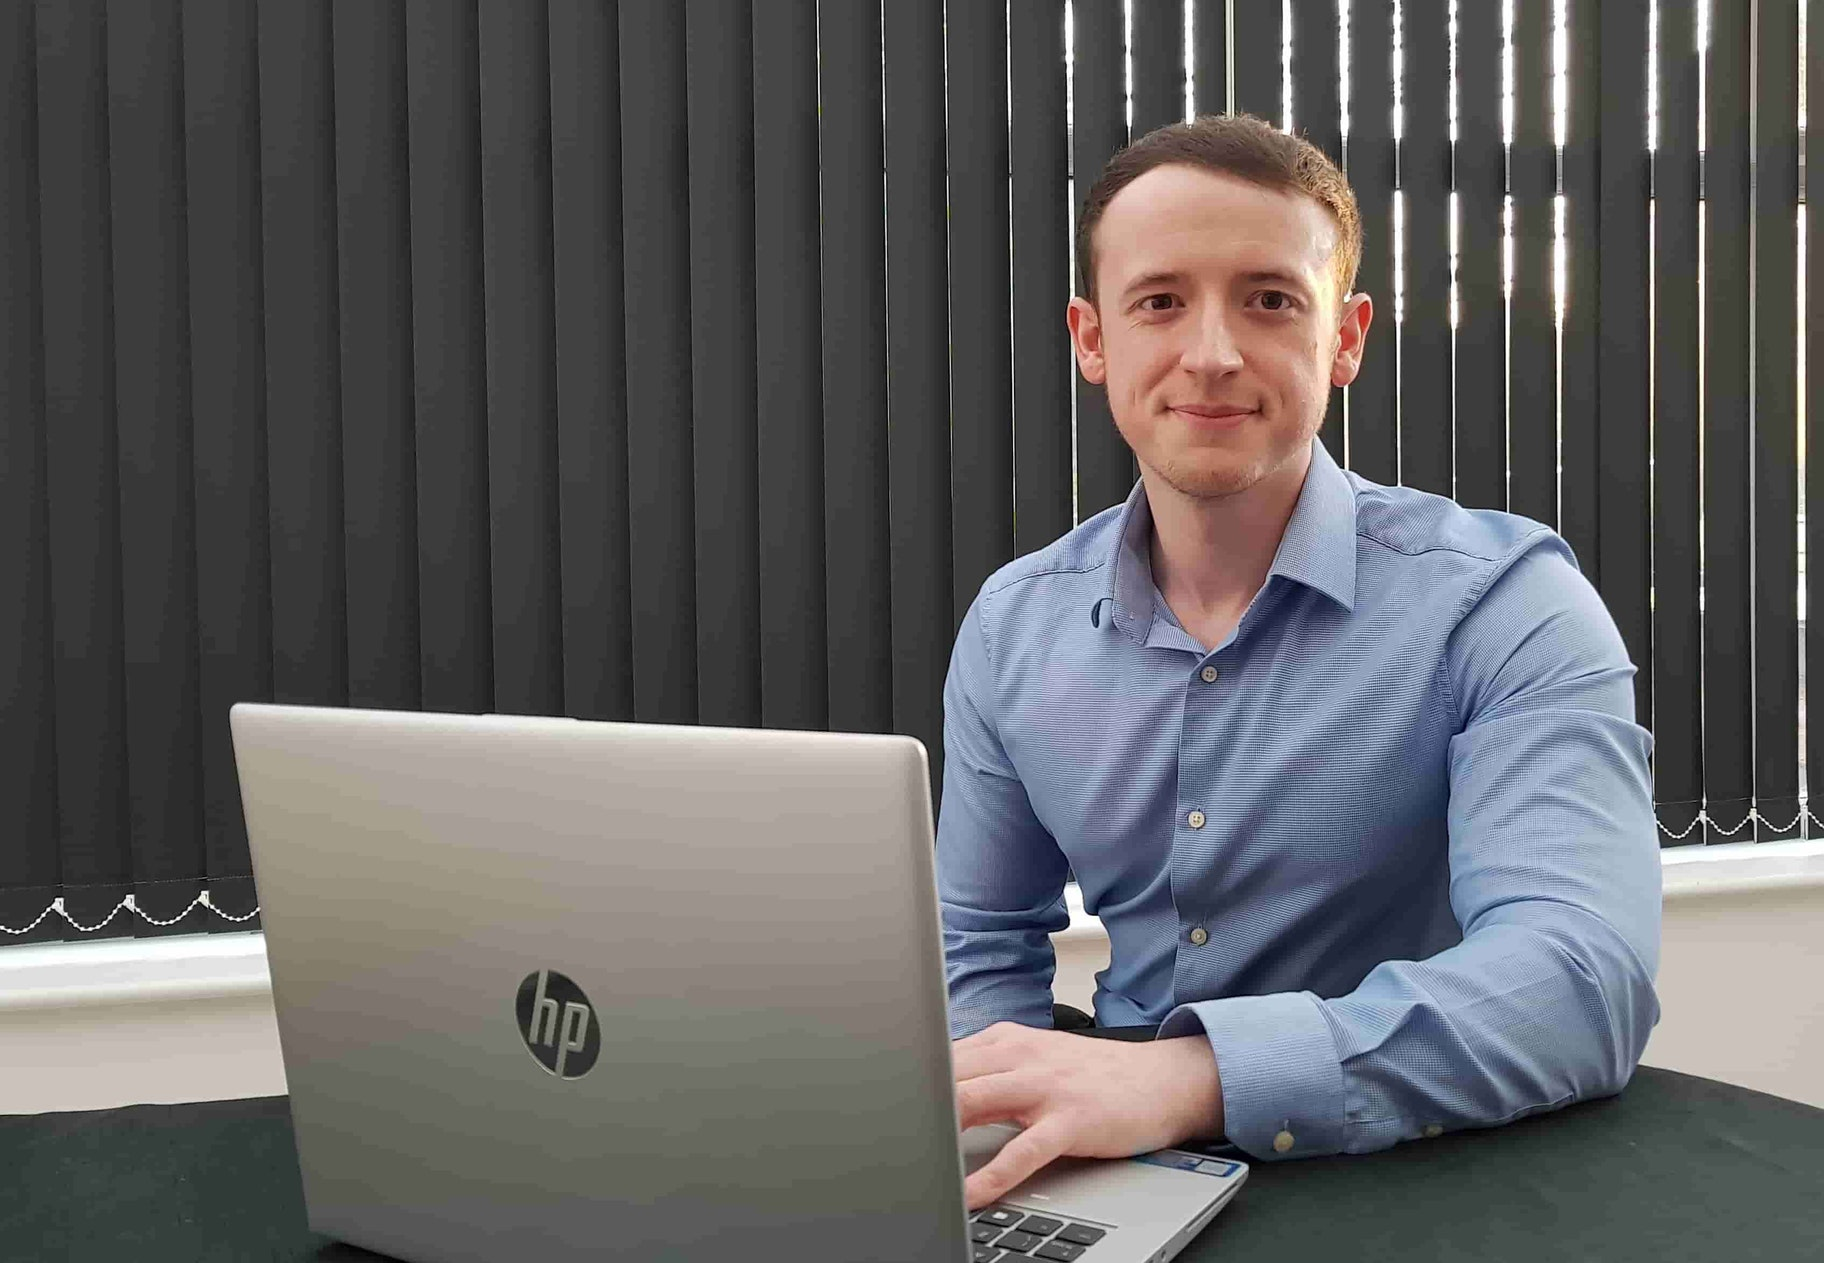 Chris Wane sits behind HP laptop